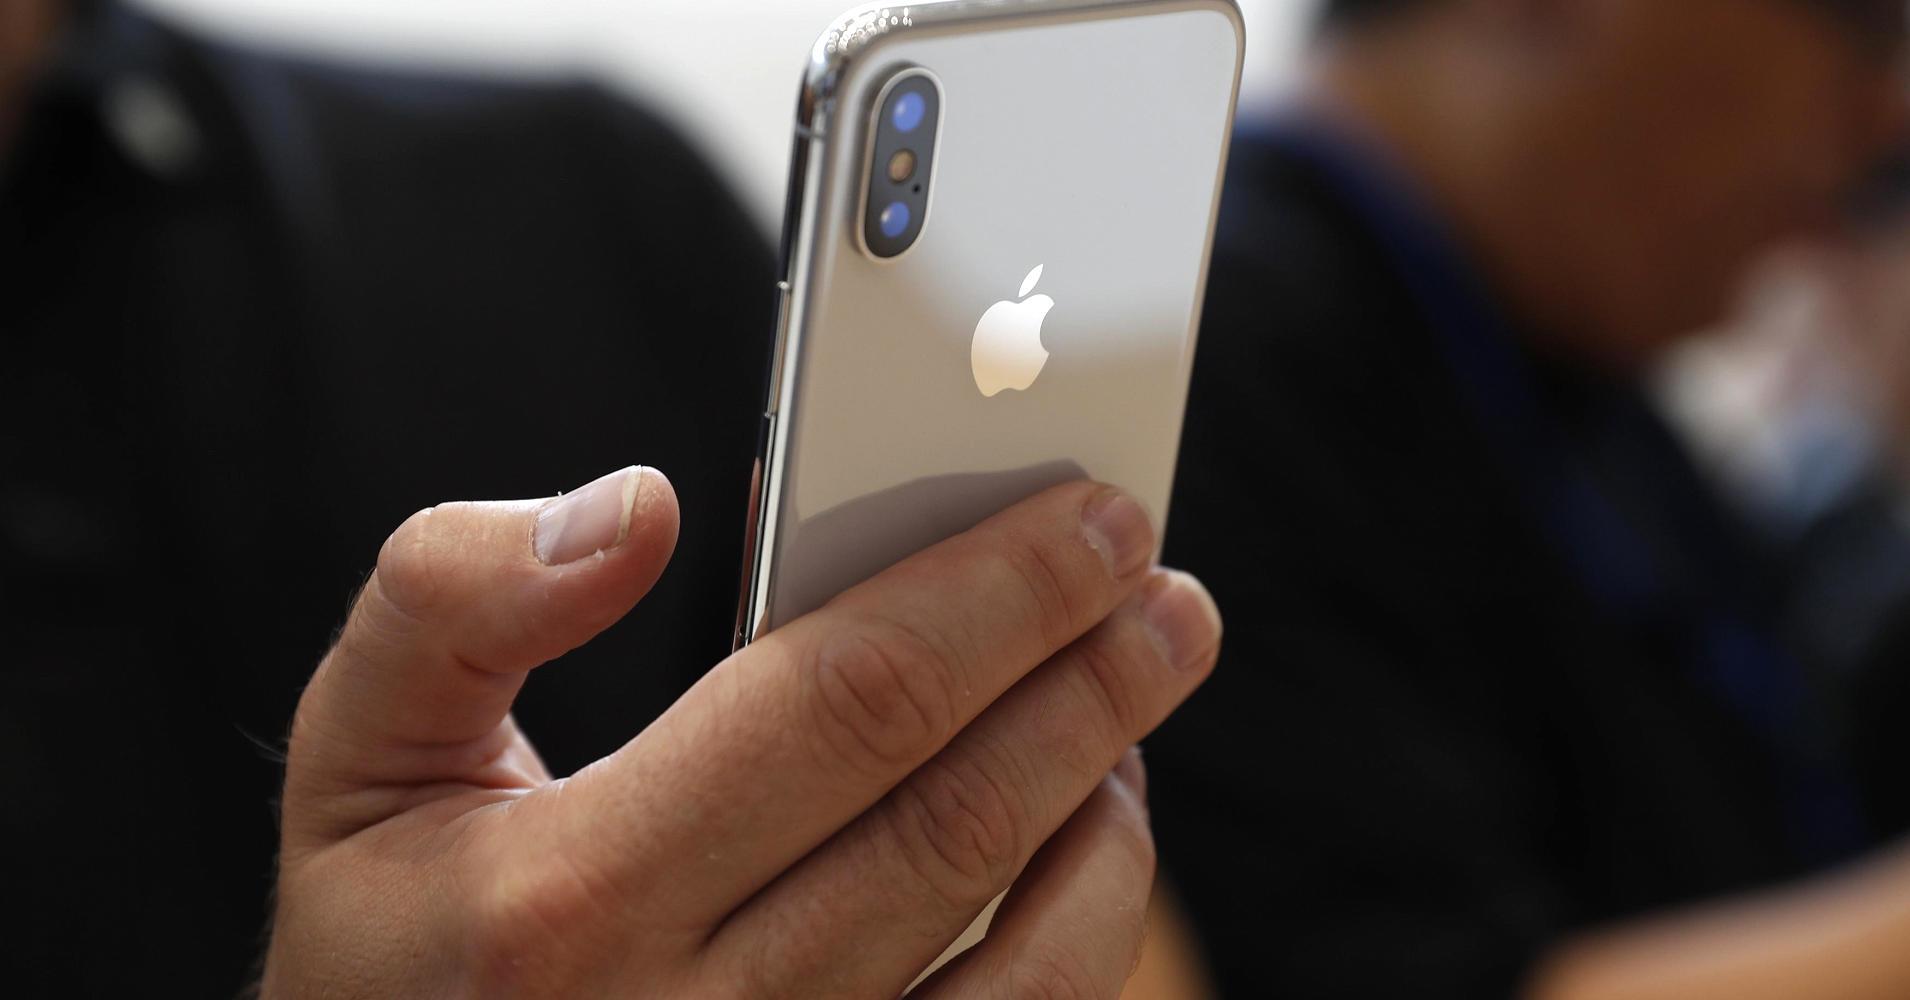 b28177b11b8 iPhone X - Primeiro envio limitado a apenas 46500 unidades. Só ...